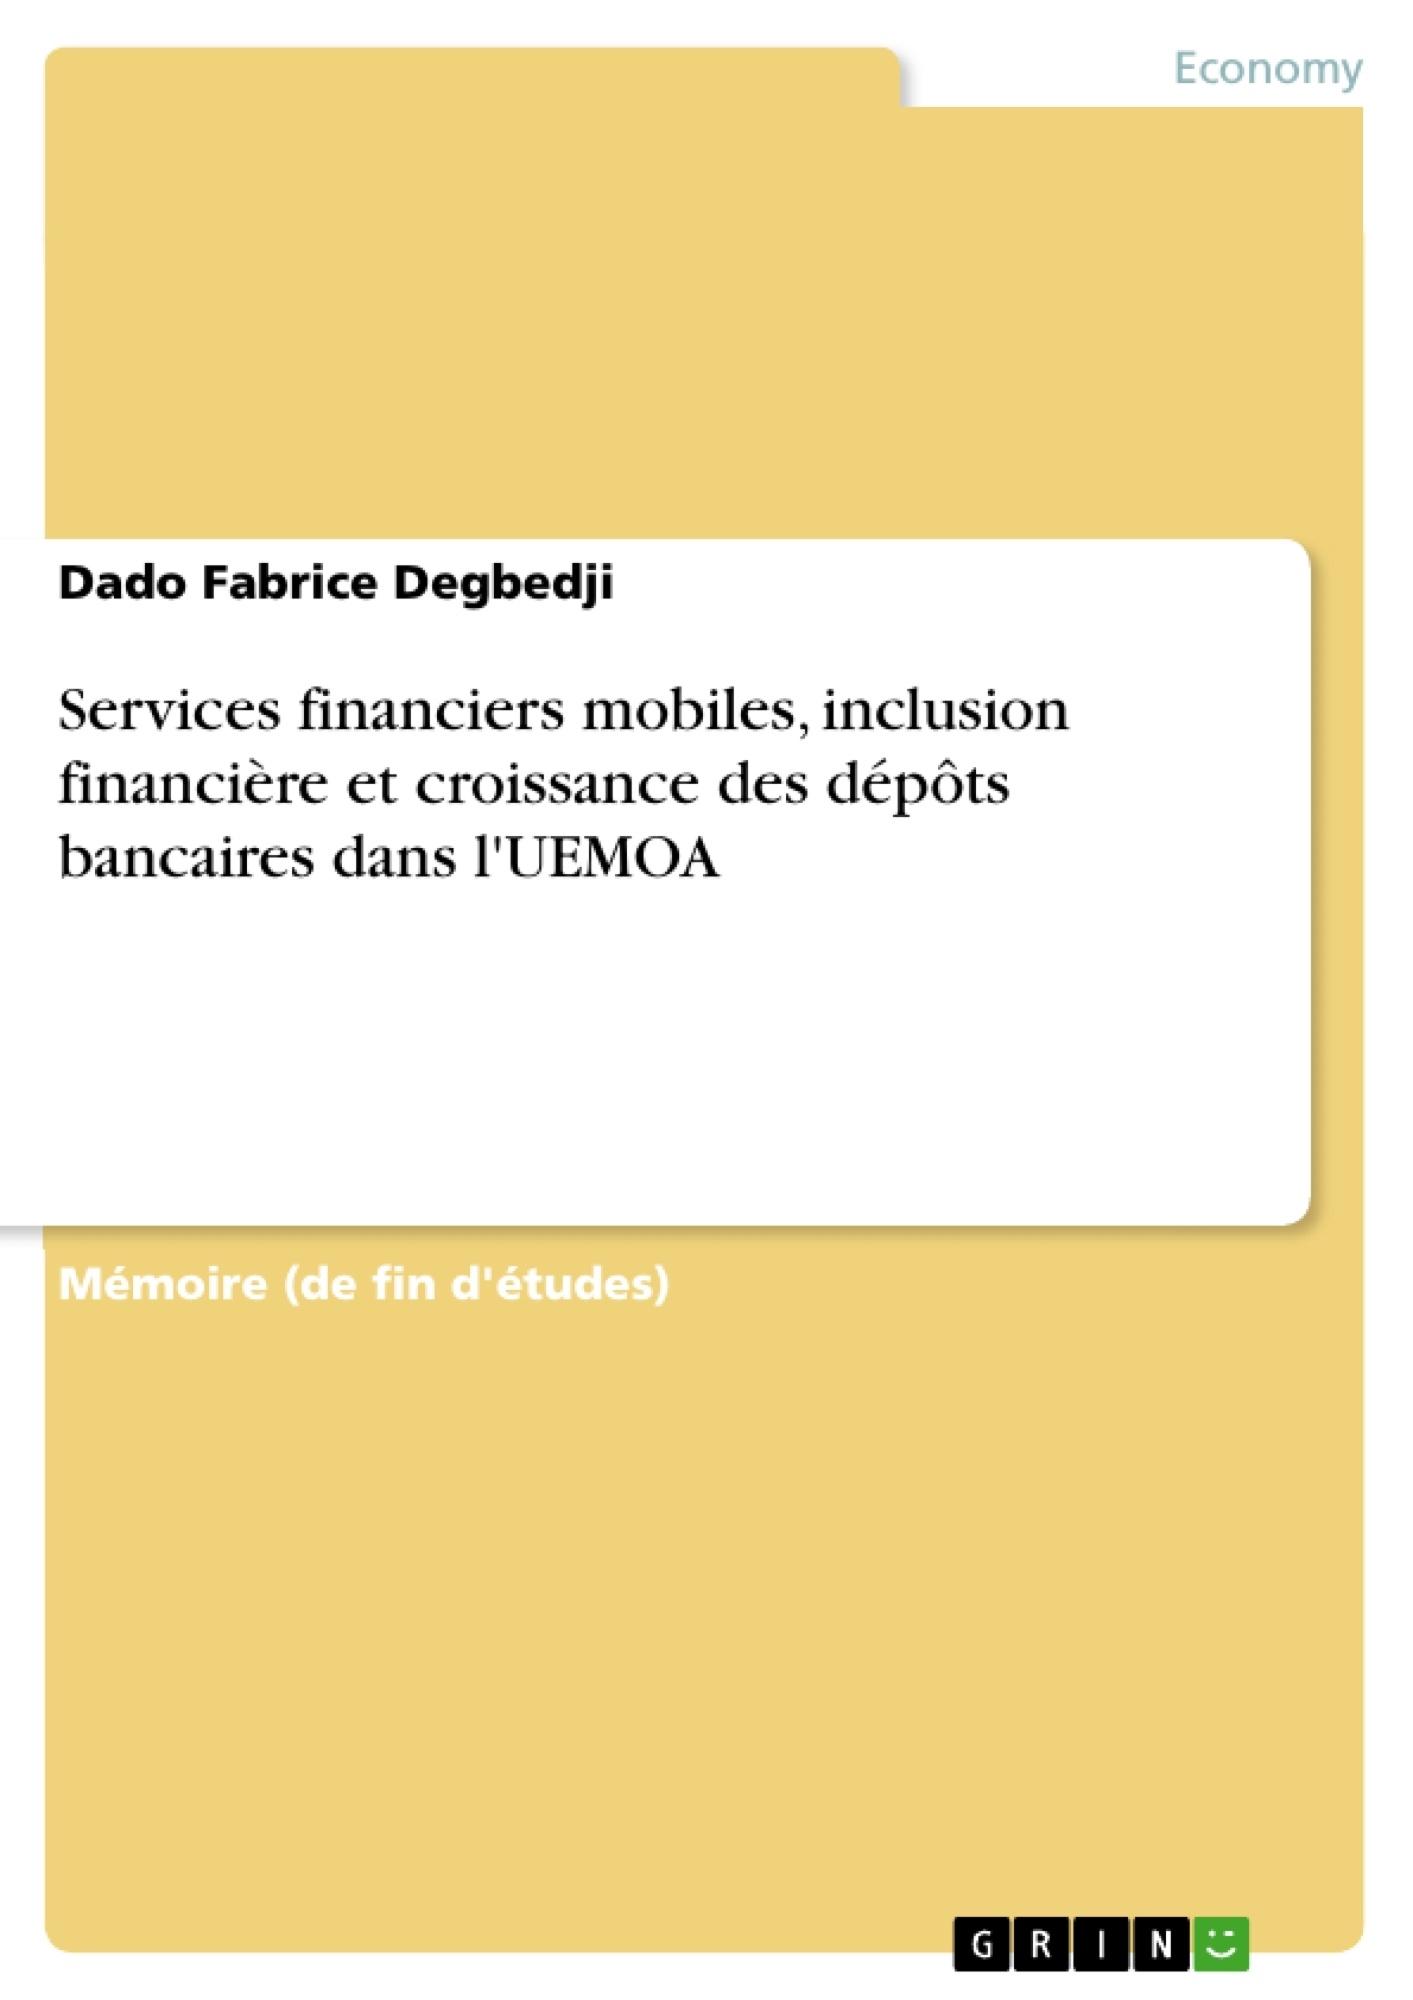 Titre: Services financiers mobiles, inclusion financière et croissance des dépôts bancaires dans l'UEMOA